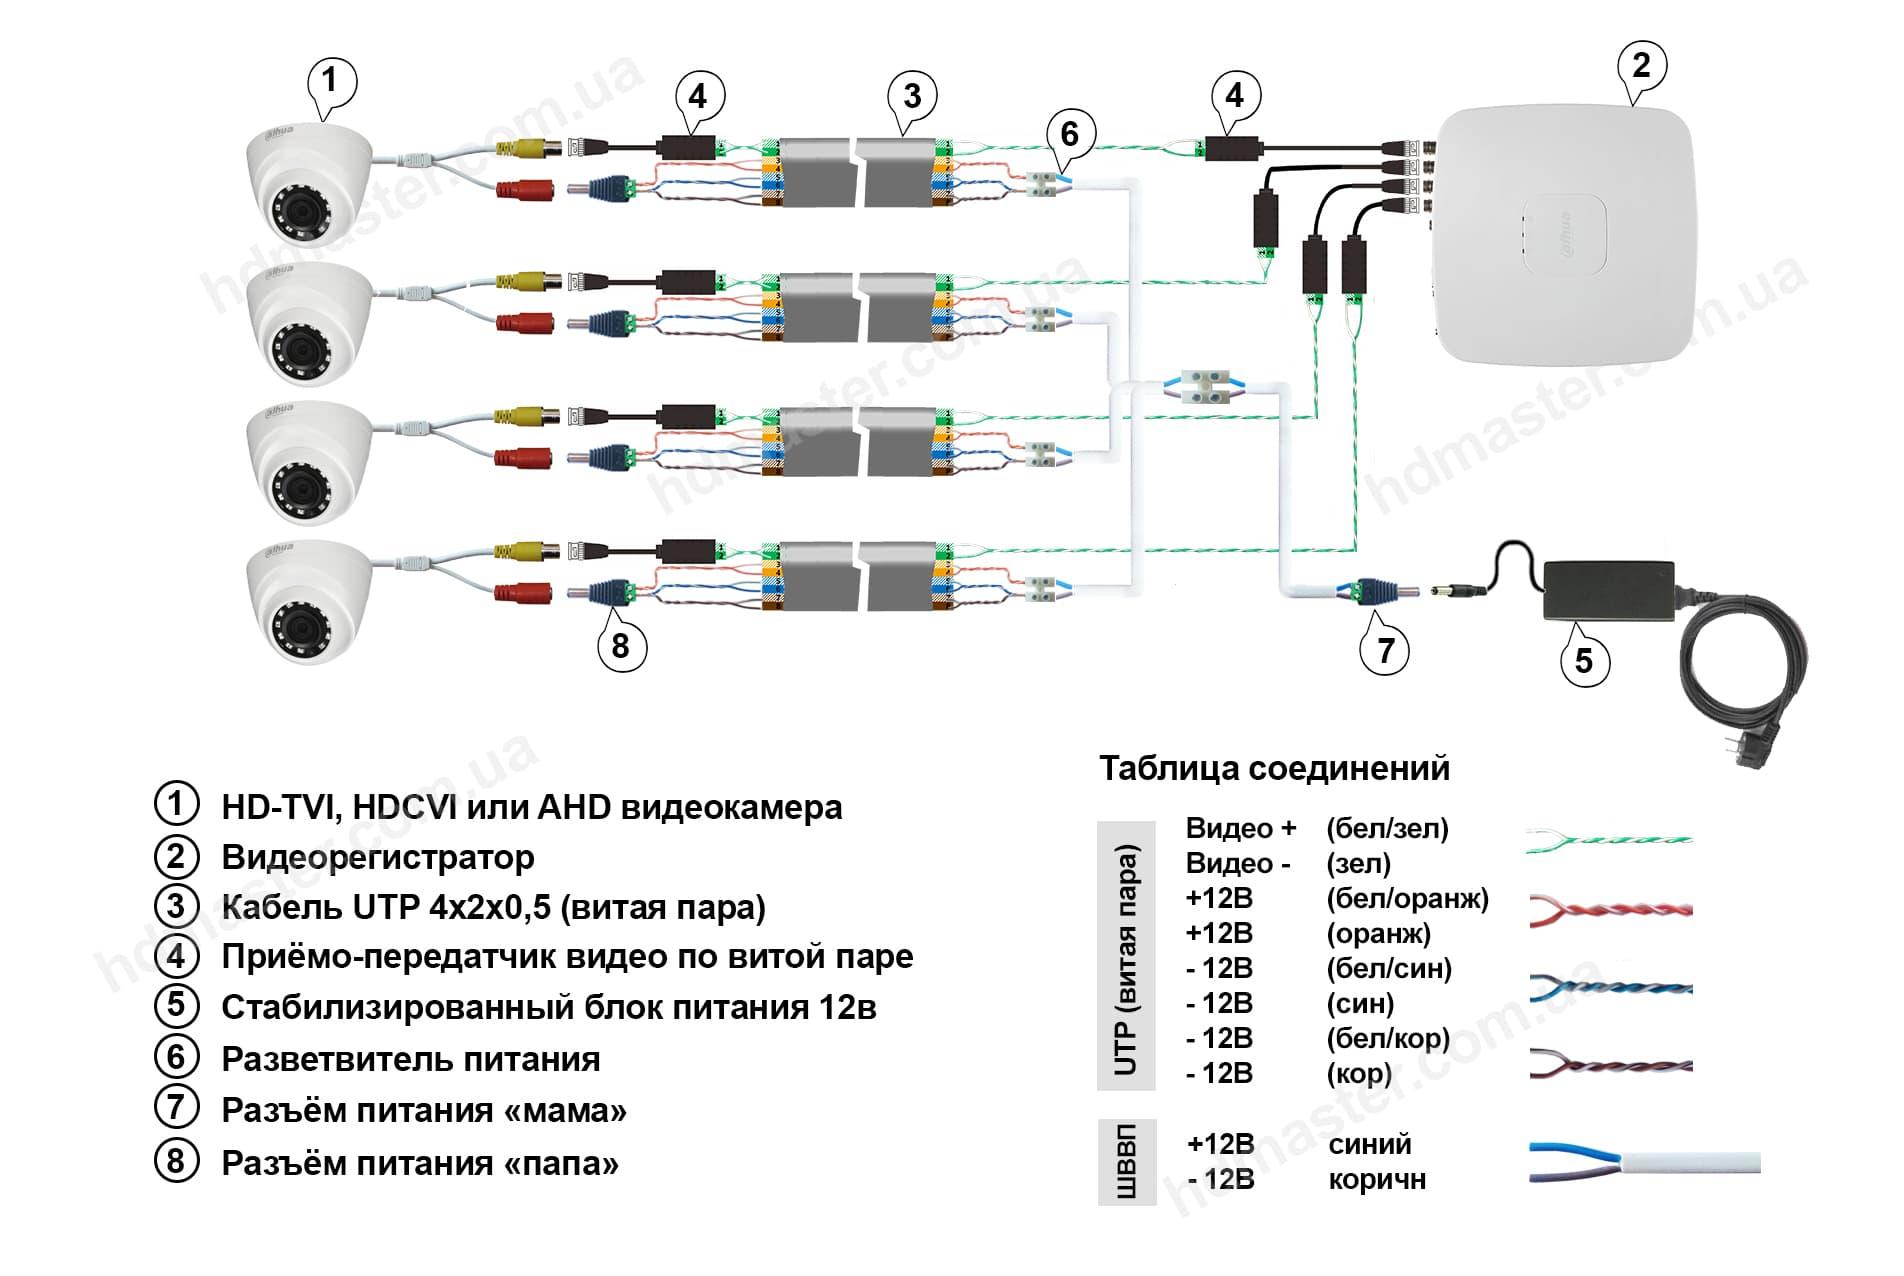 Подключение HDCVI камер к регистратору по витой паре